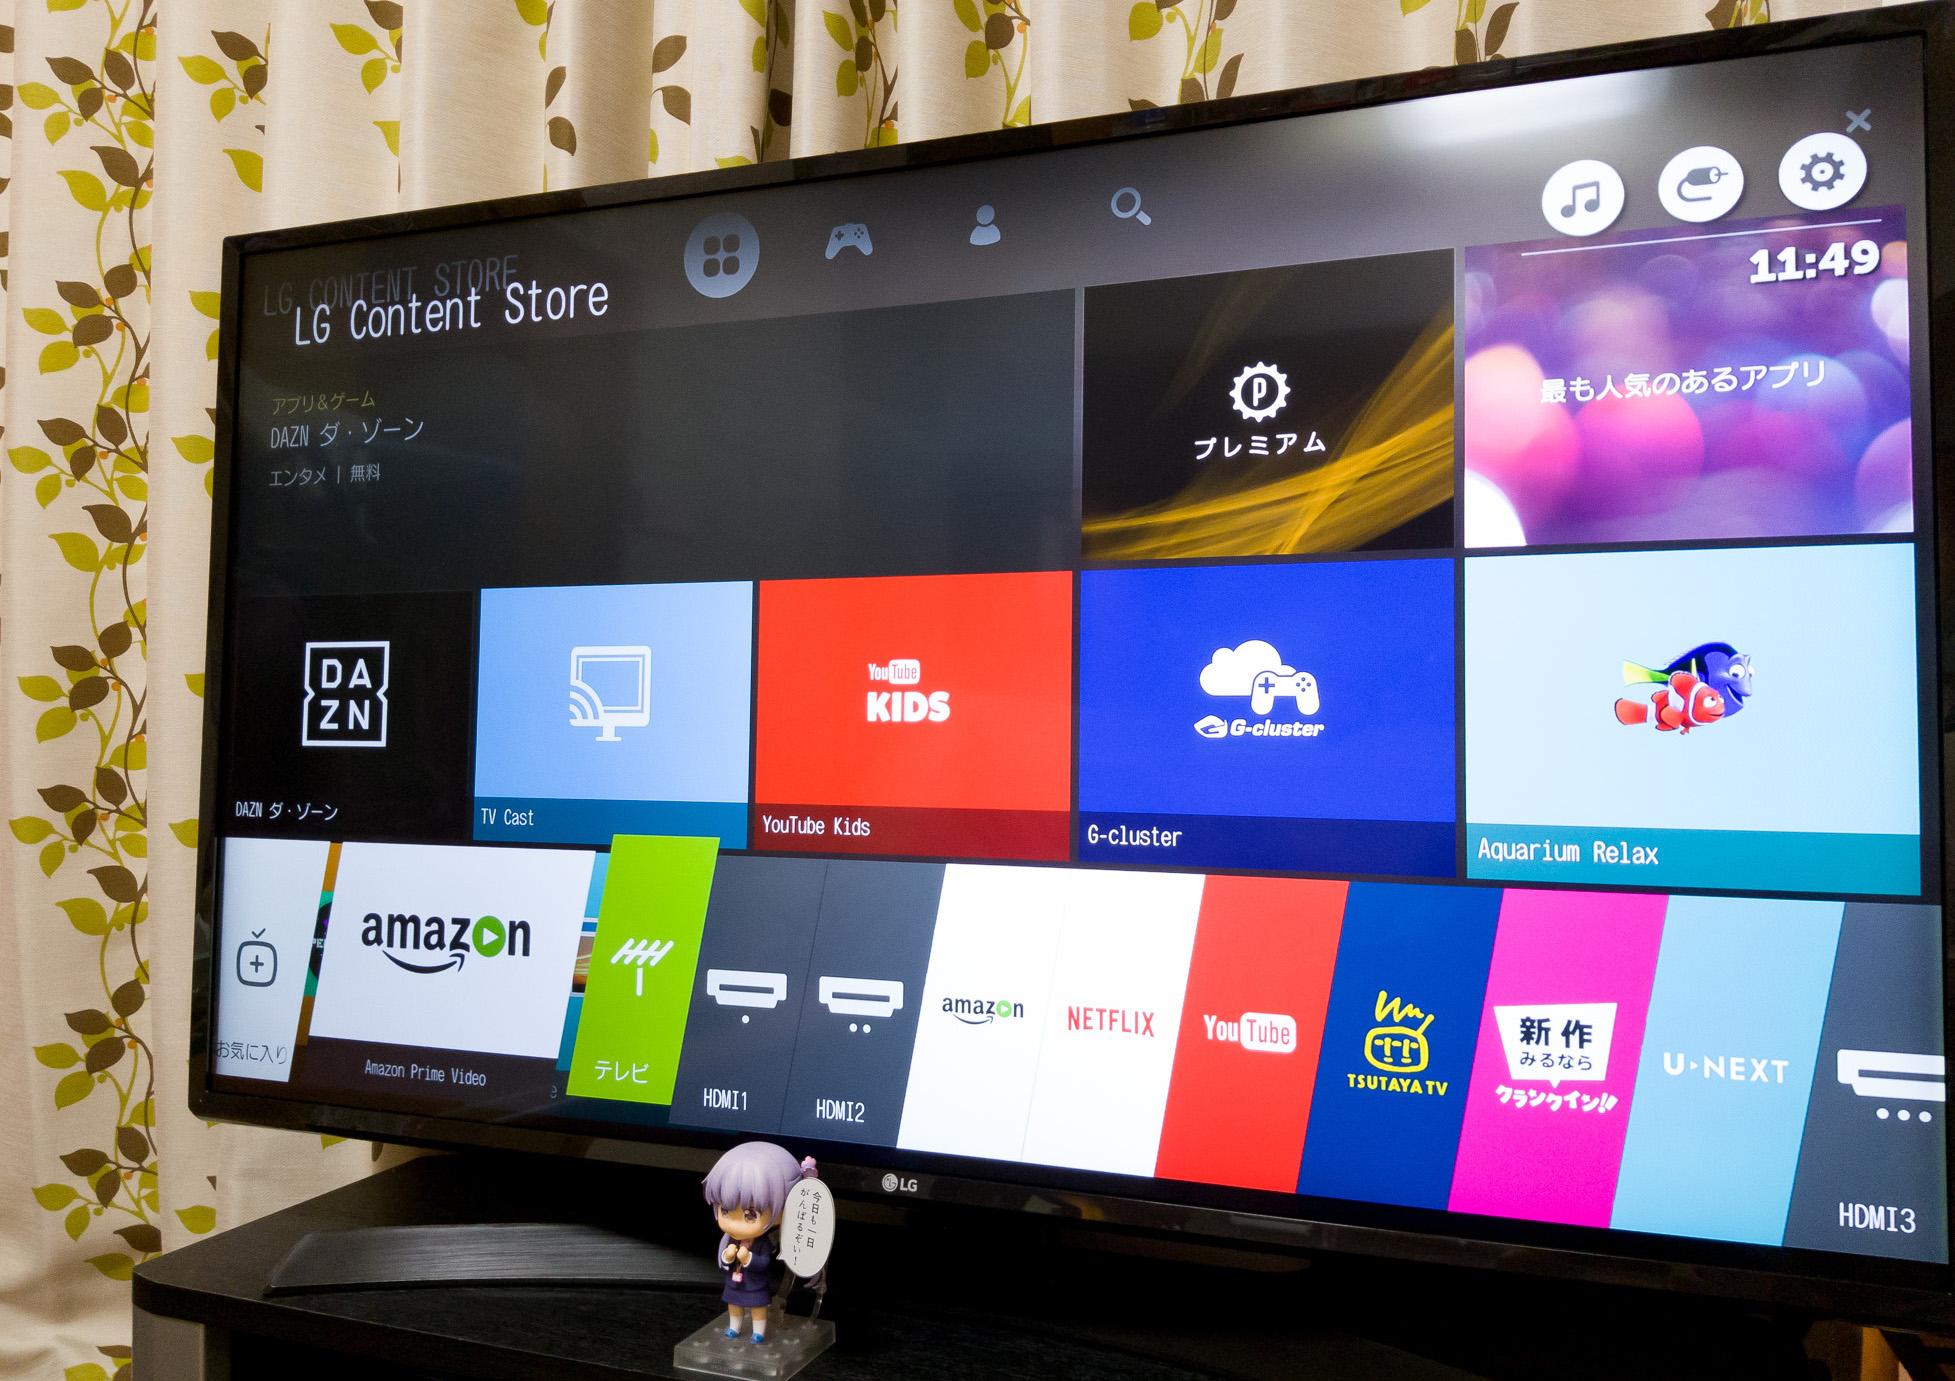 LG 43インチ4Kテレビ『43UJ630A』購入。できることが多過ぎて笑うしかない